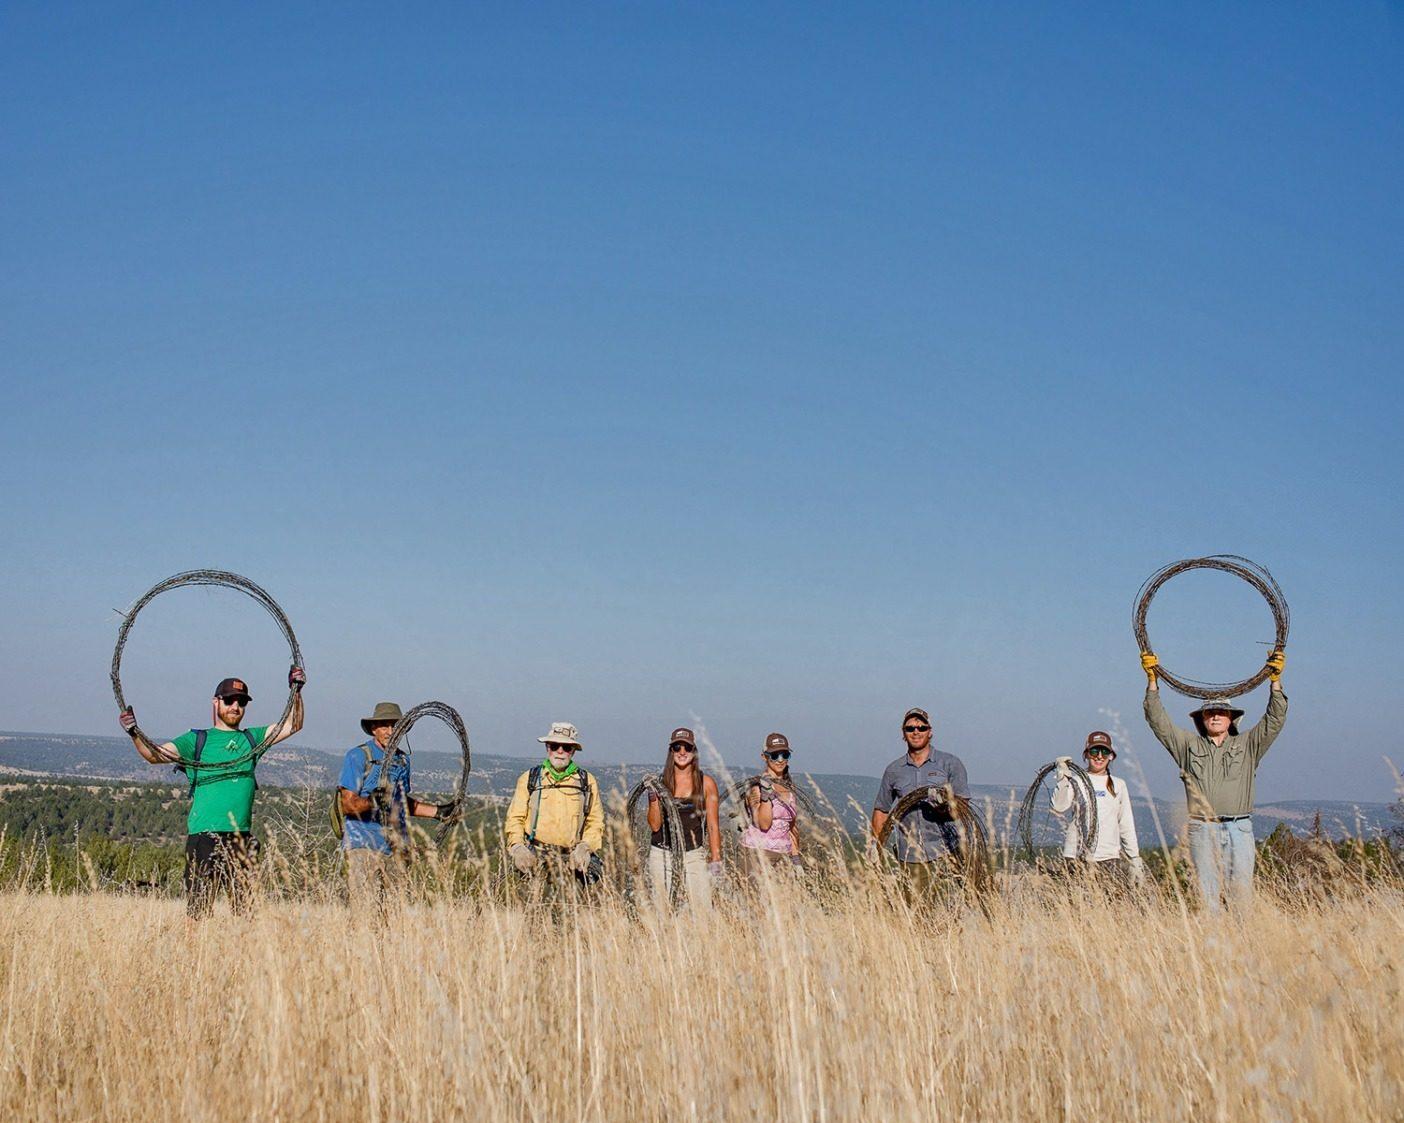 重さ125トンにも及ぶ100キロメートル以上のフェンスをスティーンズ山脈から除去した〈ONDA〉のボランティアたち。最後の有刺鉄線を取り除き、97,000エーカーの野生地をフェンスのない場所にしたことを祝うスタッフ(左から右):アーロン・ヘリクソン、アンドリュー・スーレック、クレイグ・テリー、エリッサ・リンデンメイヤー、アンバー・ラメット、マイケル・オケイシー、コリーン・ハンデルマン、クリフォード・ローン。Photo: Sage Brown